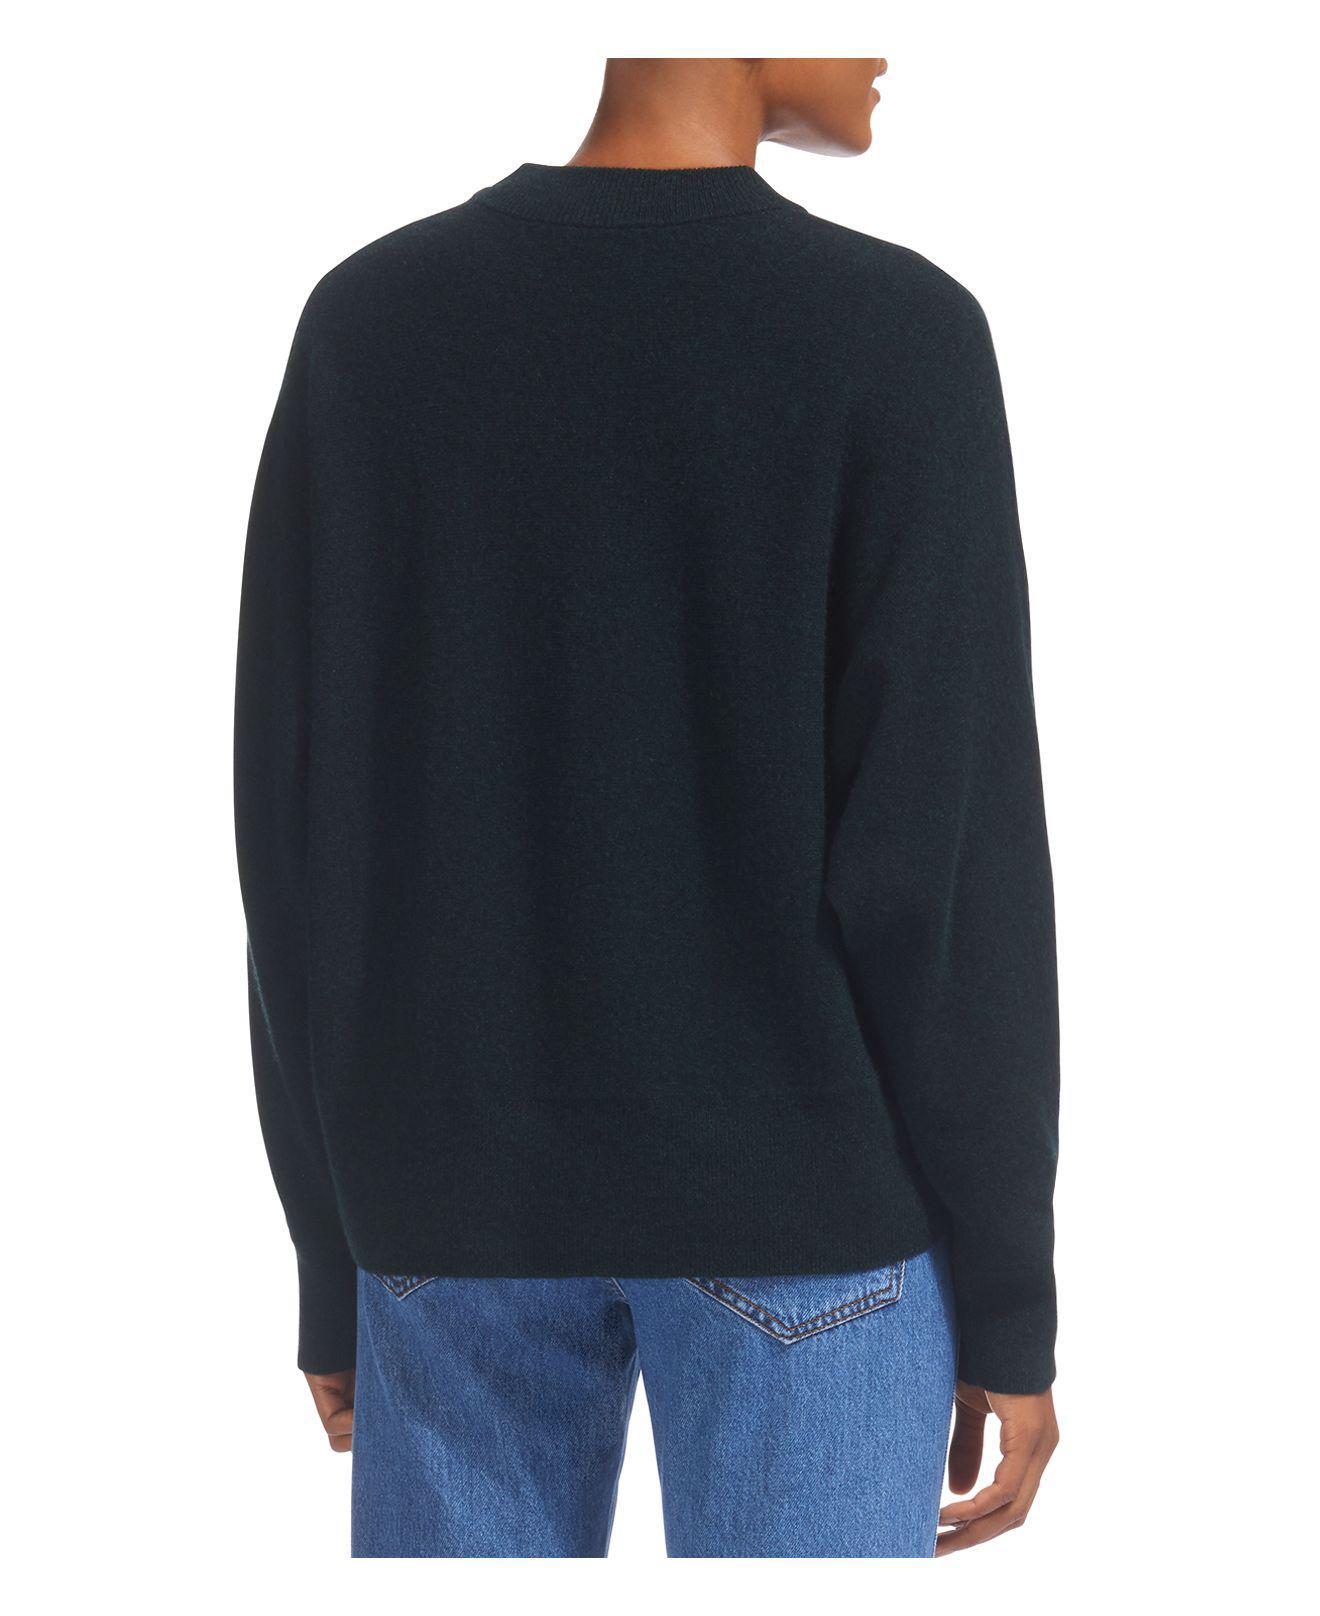 Dark Green Cashmere Sweater